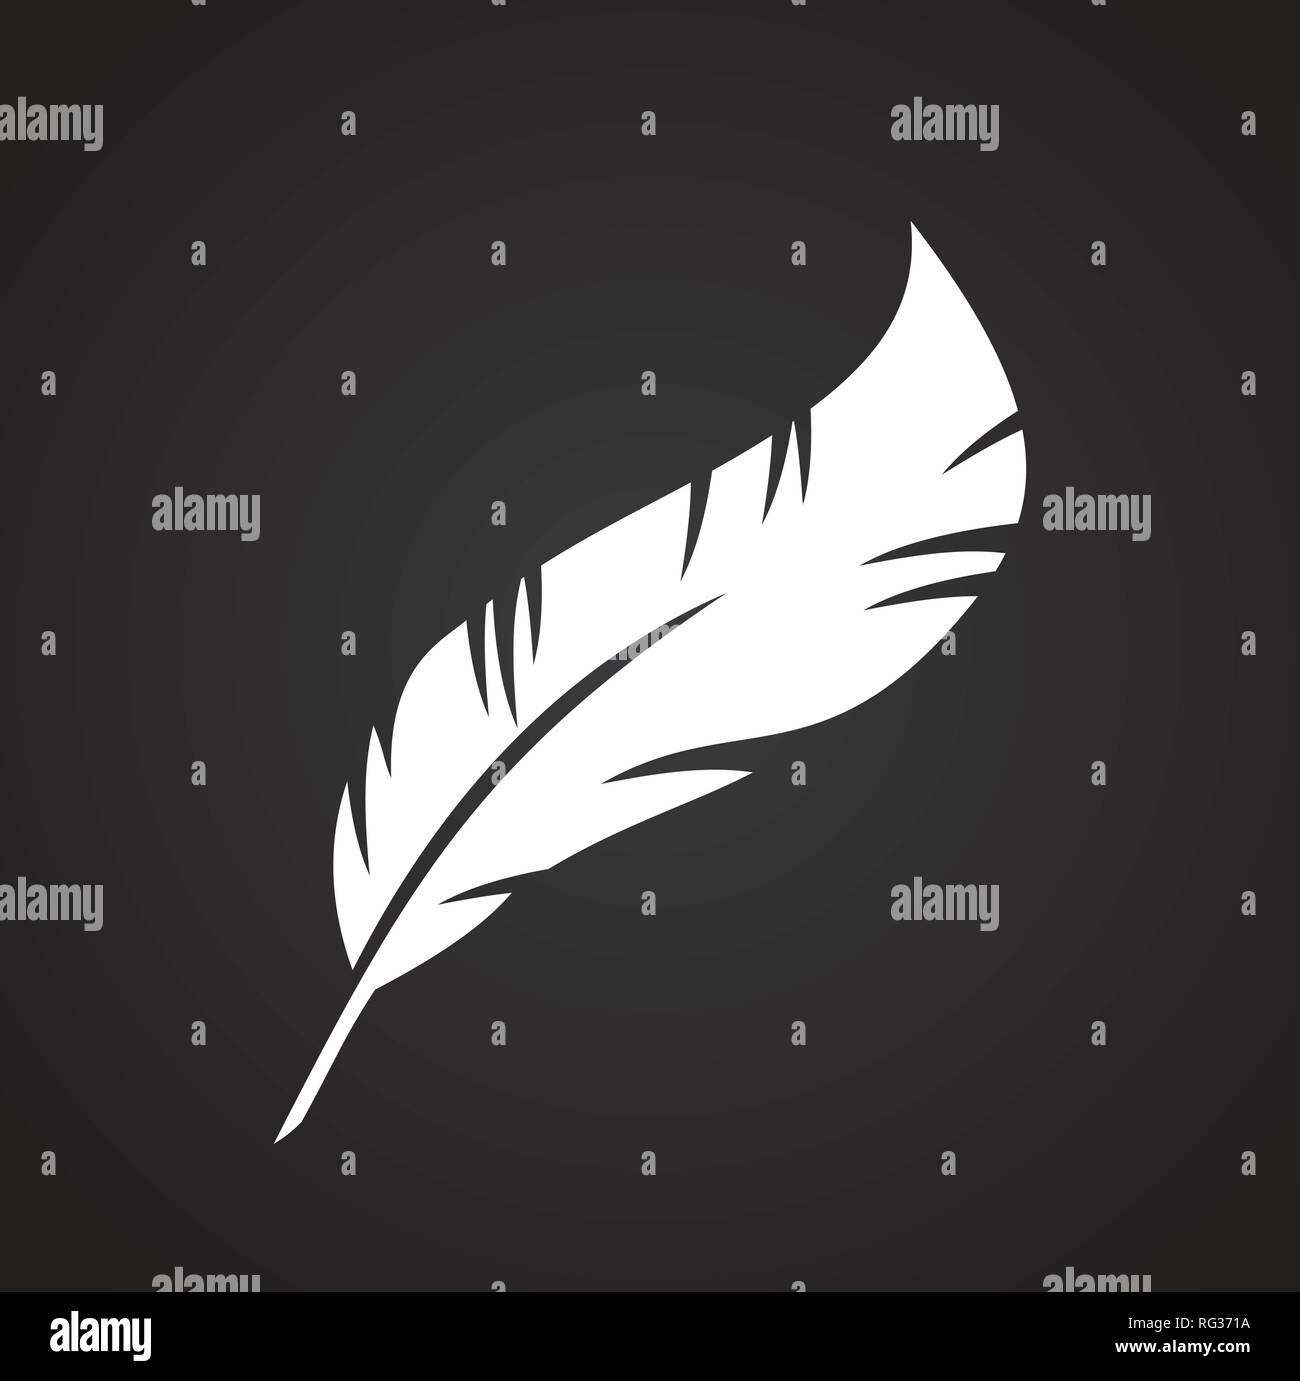 Feder Symbole auf schwarzem Hintergrund für Grafik- und Webdesign, modernen einfachen Vektor unterzeichnen. Internet Konzept. Trendy Symbol für Web site Design web-Taste oder mobile App. Stockbild